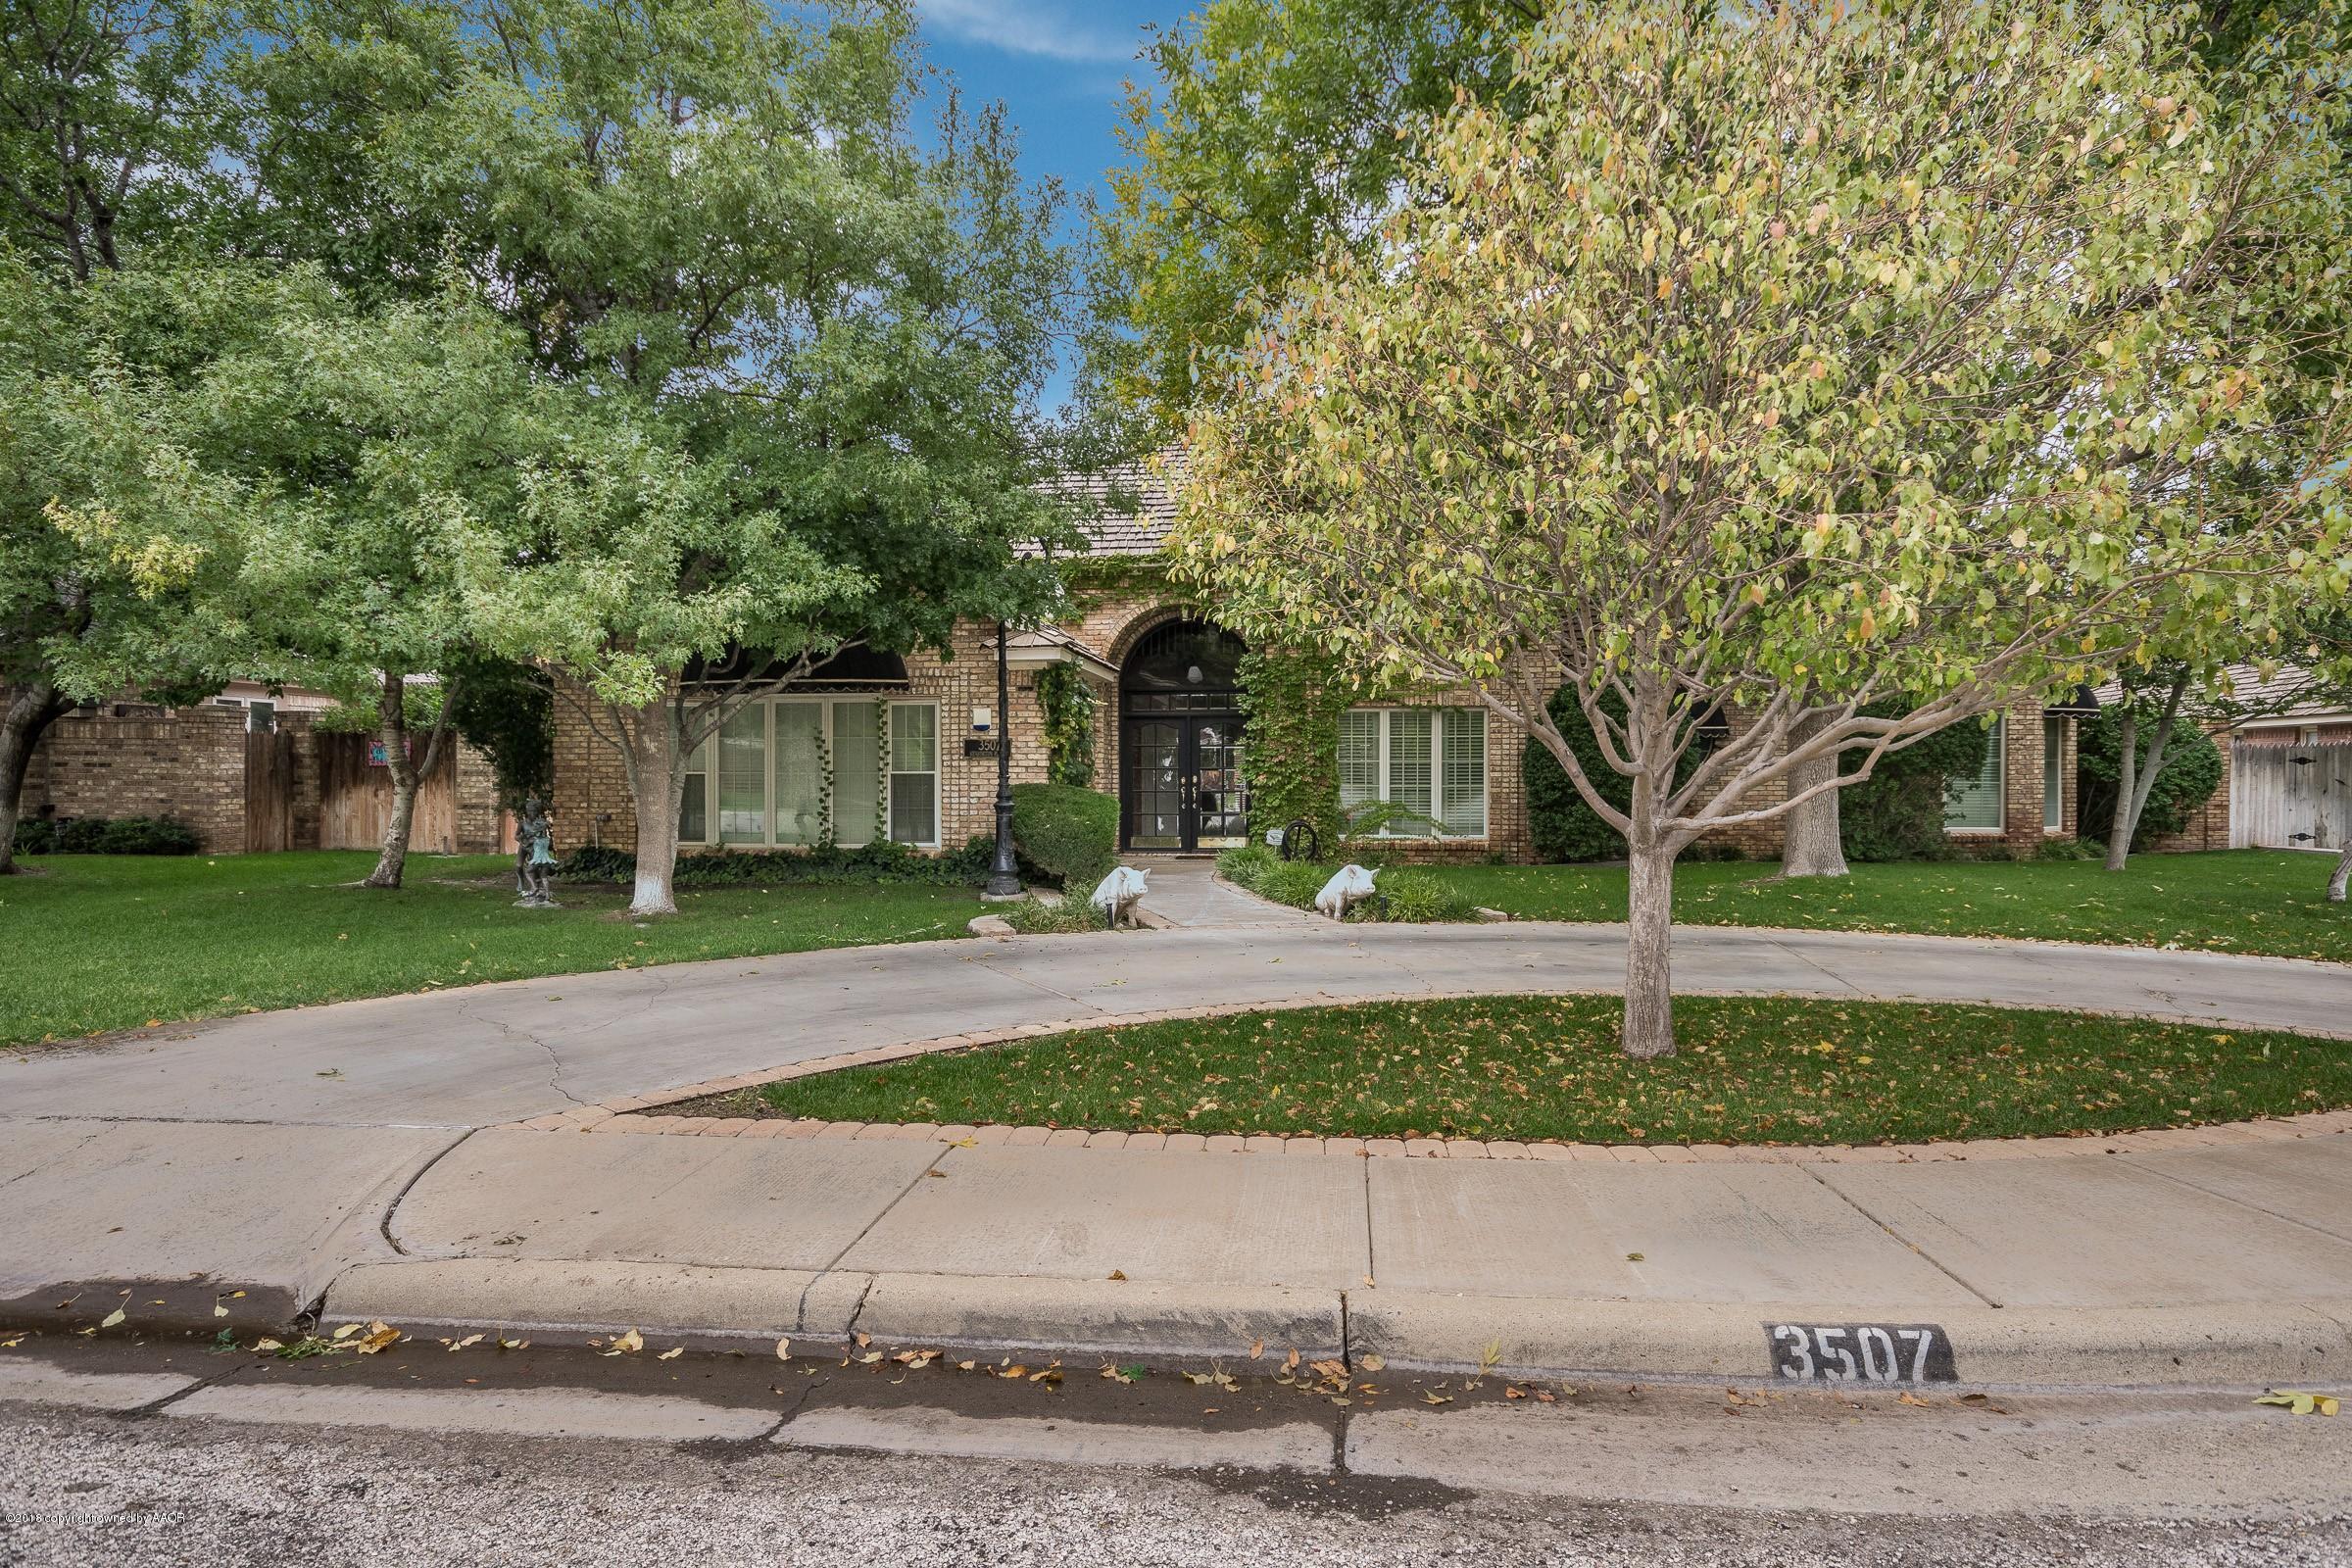 3507 KENSINGTON PL, Amarillo, Texas